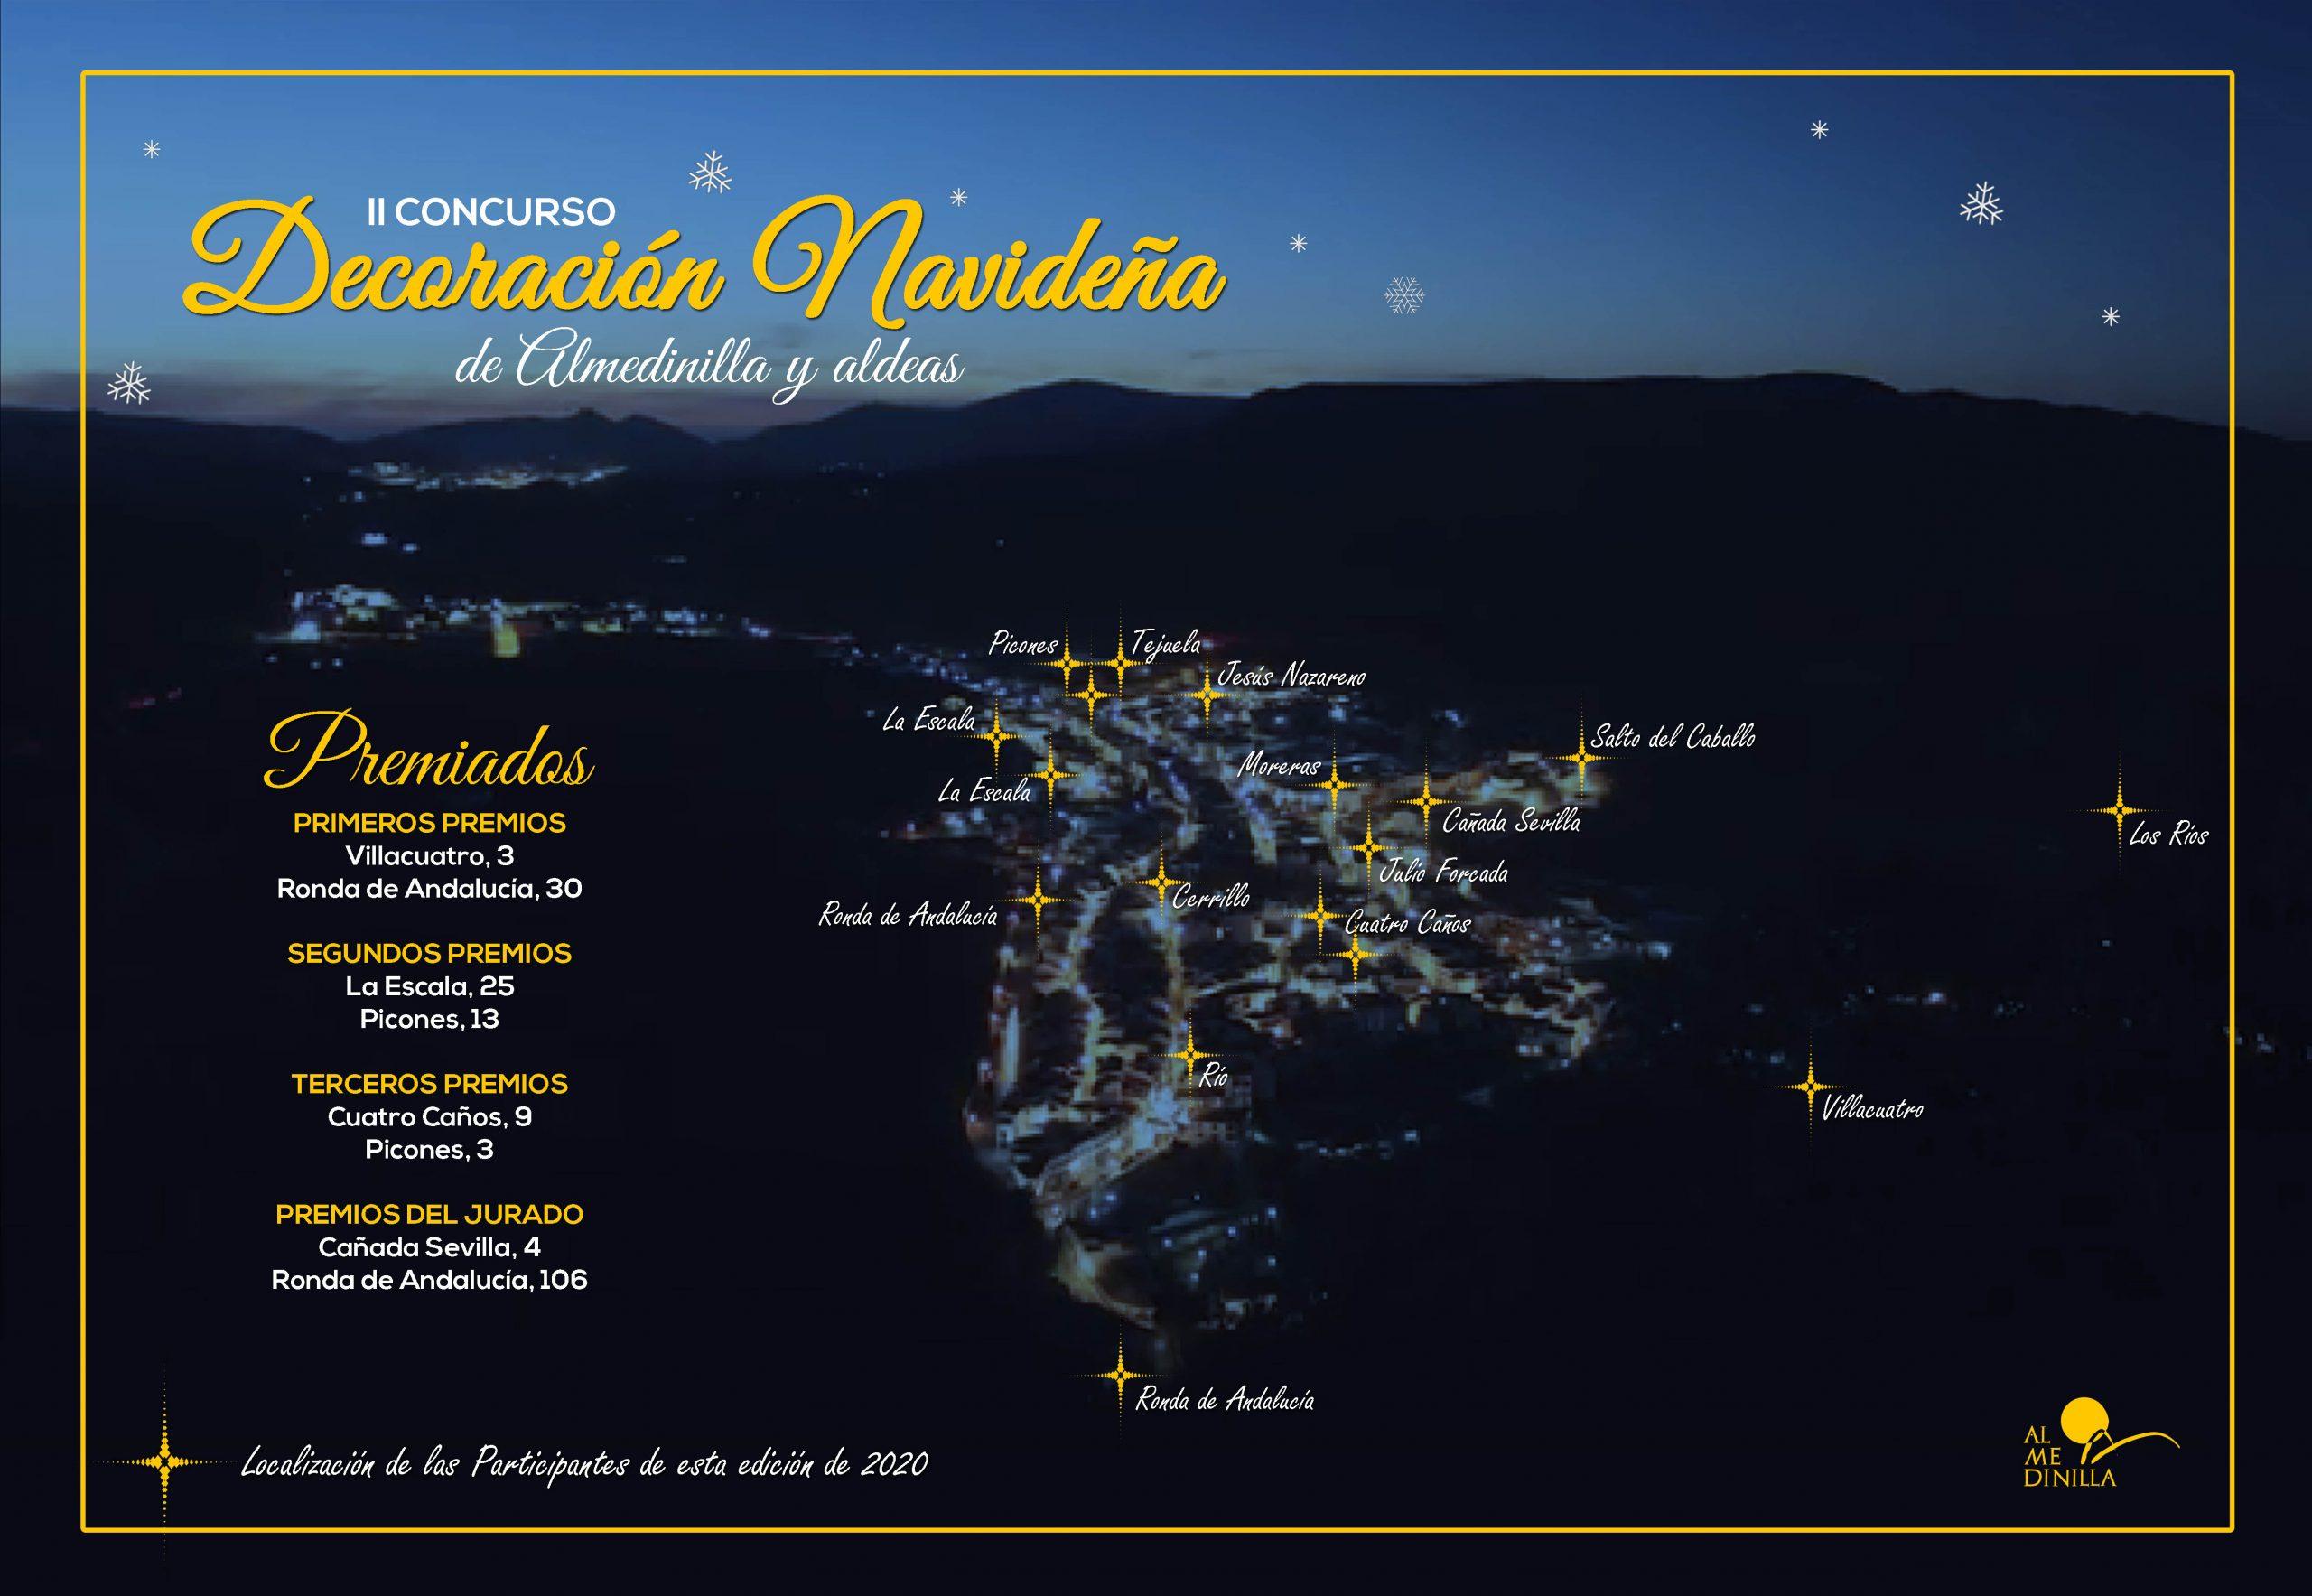 Ganadores del II Concurso de Decoración Navideña de Almedinilla y aldeas 1